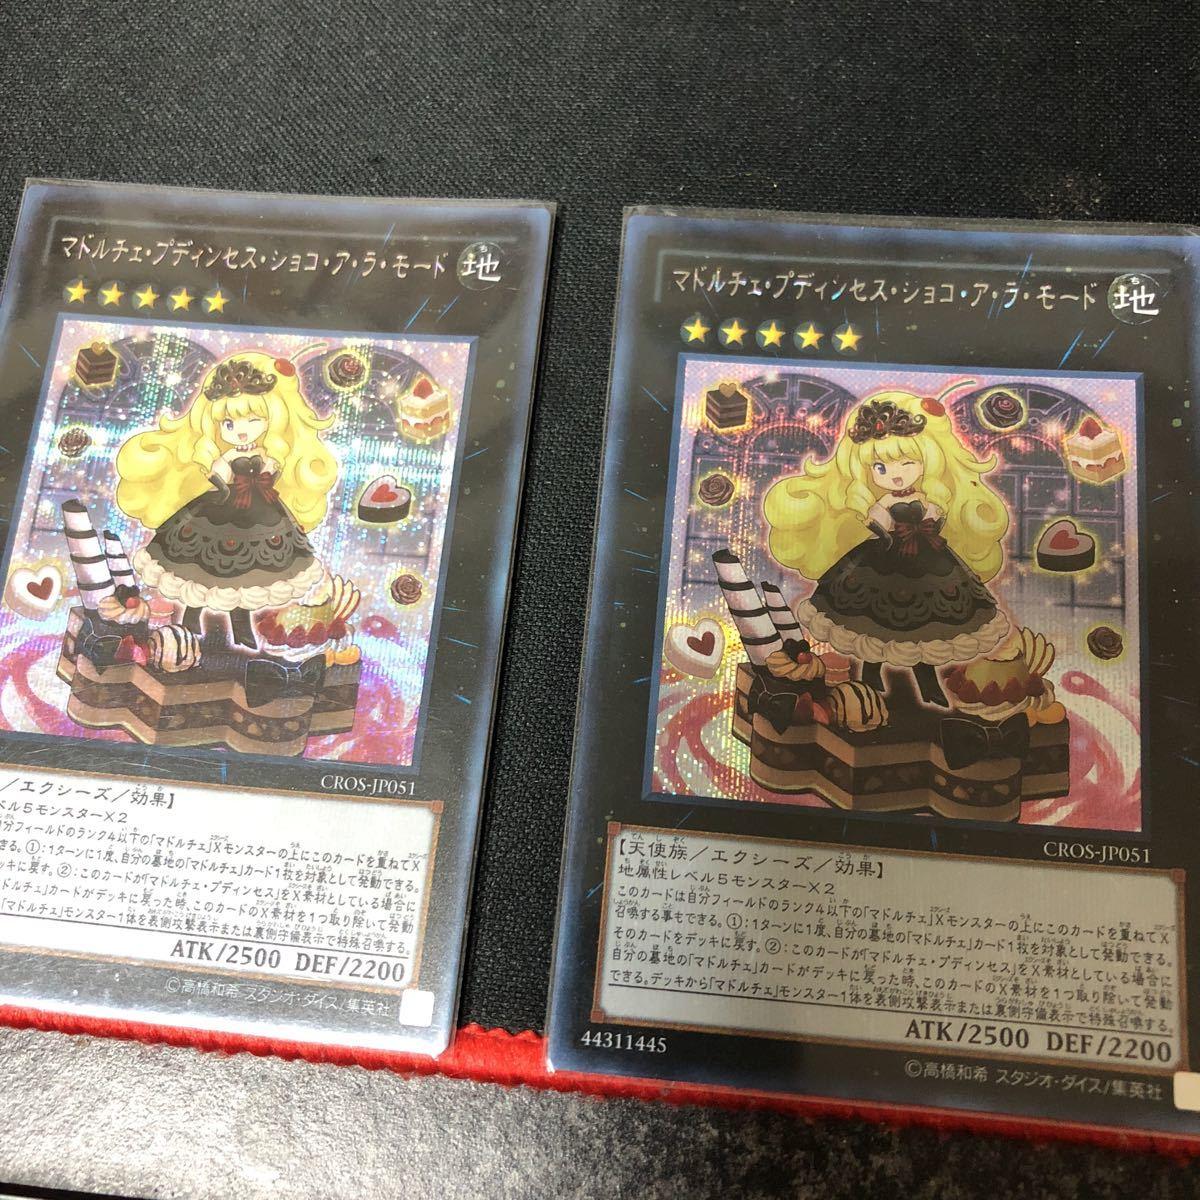 遊戯王 マドルチェ・プディンセス・ショコ・ア・ラ・モード シークレット 二枚セット